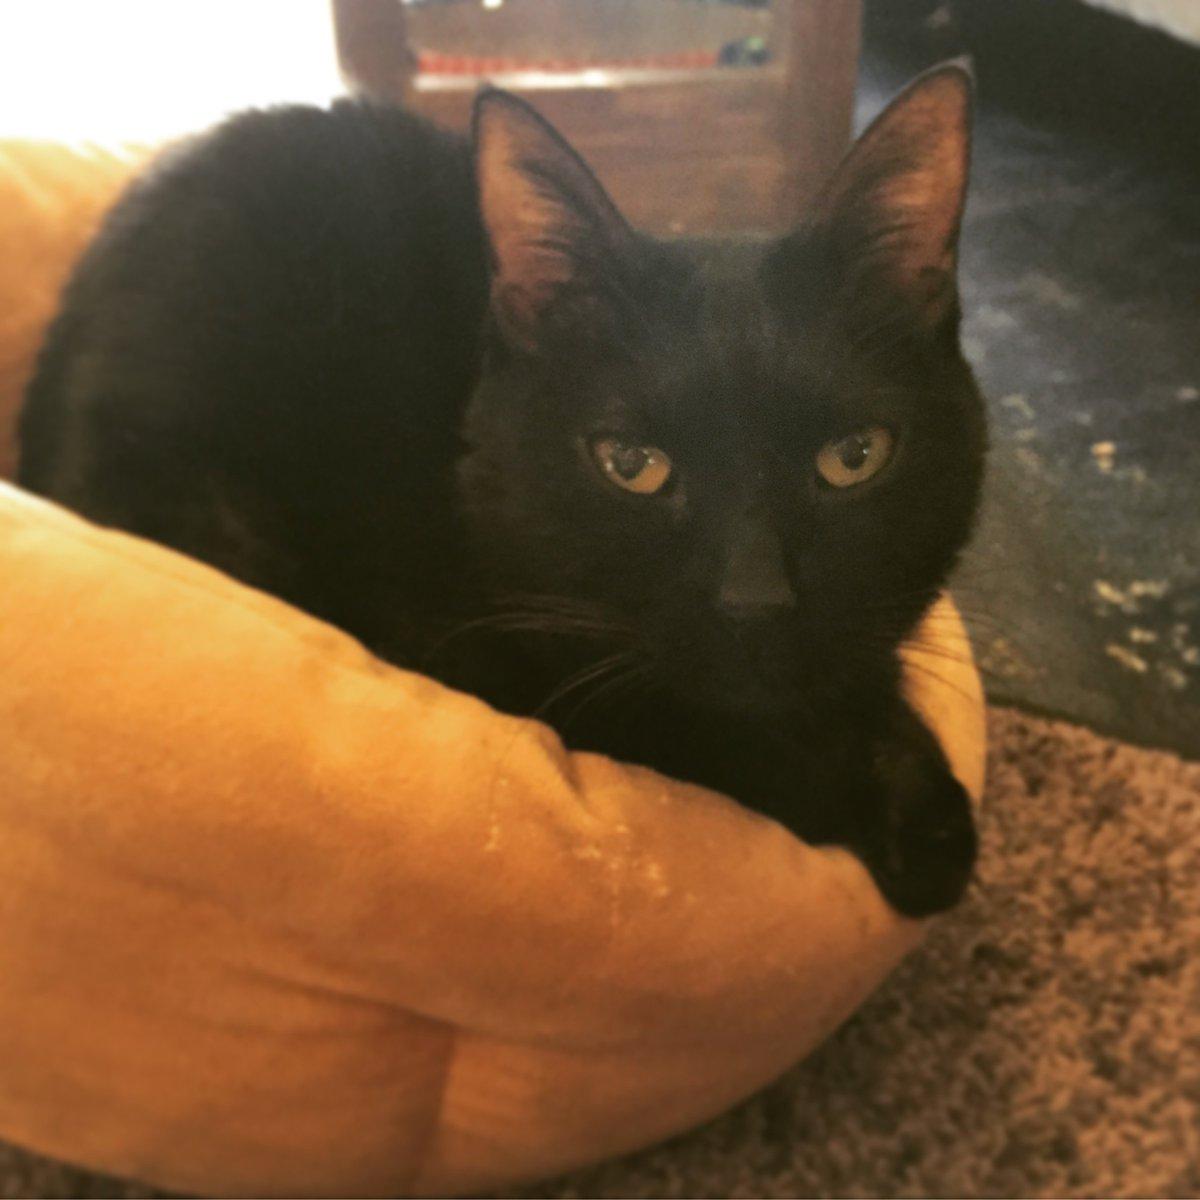 【おうちごはんcafeたまゆらん 猫店員紹介】名前:アロマ 小柄な漆黒の女王様、アロマ嬢。2016年で8歳。ほかの猫達と